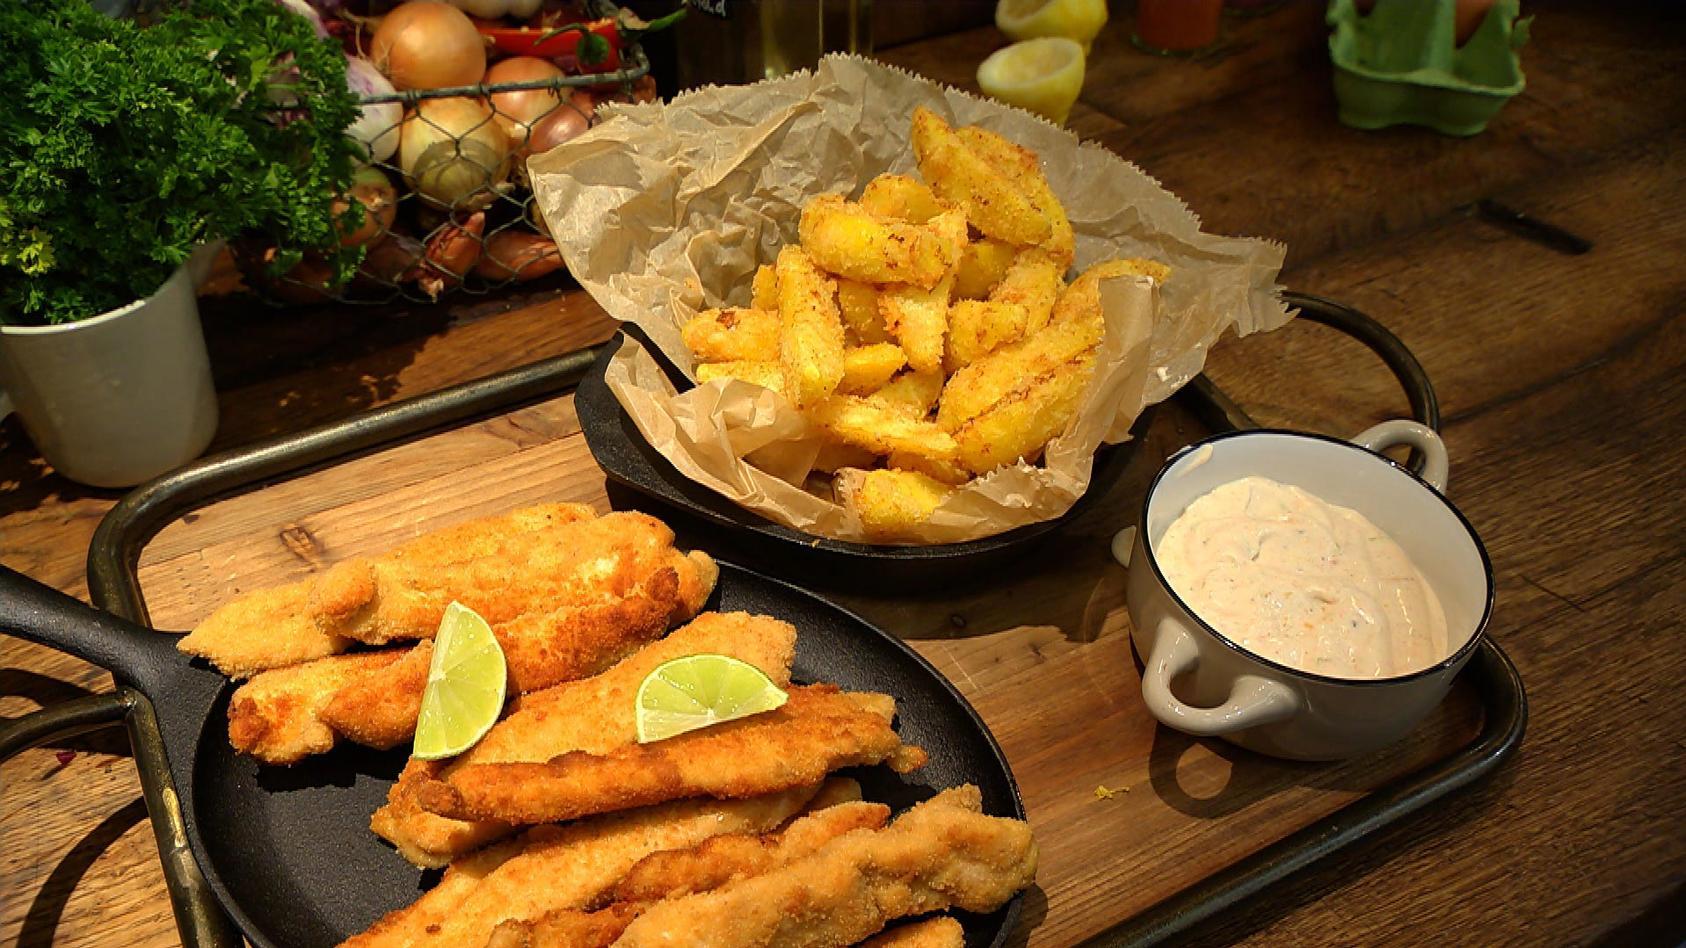 Frischekick! Alles mit Zitrusfrüchten: Mini-Schnitzel mit Limetten-Mayonnaise und Pommes-Deluxe